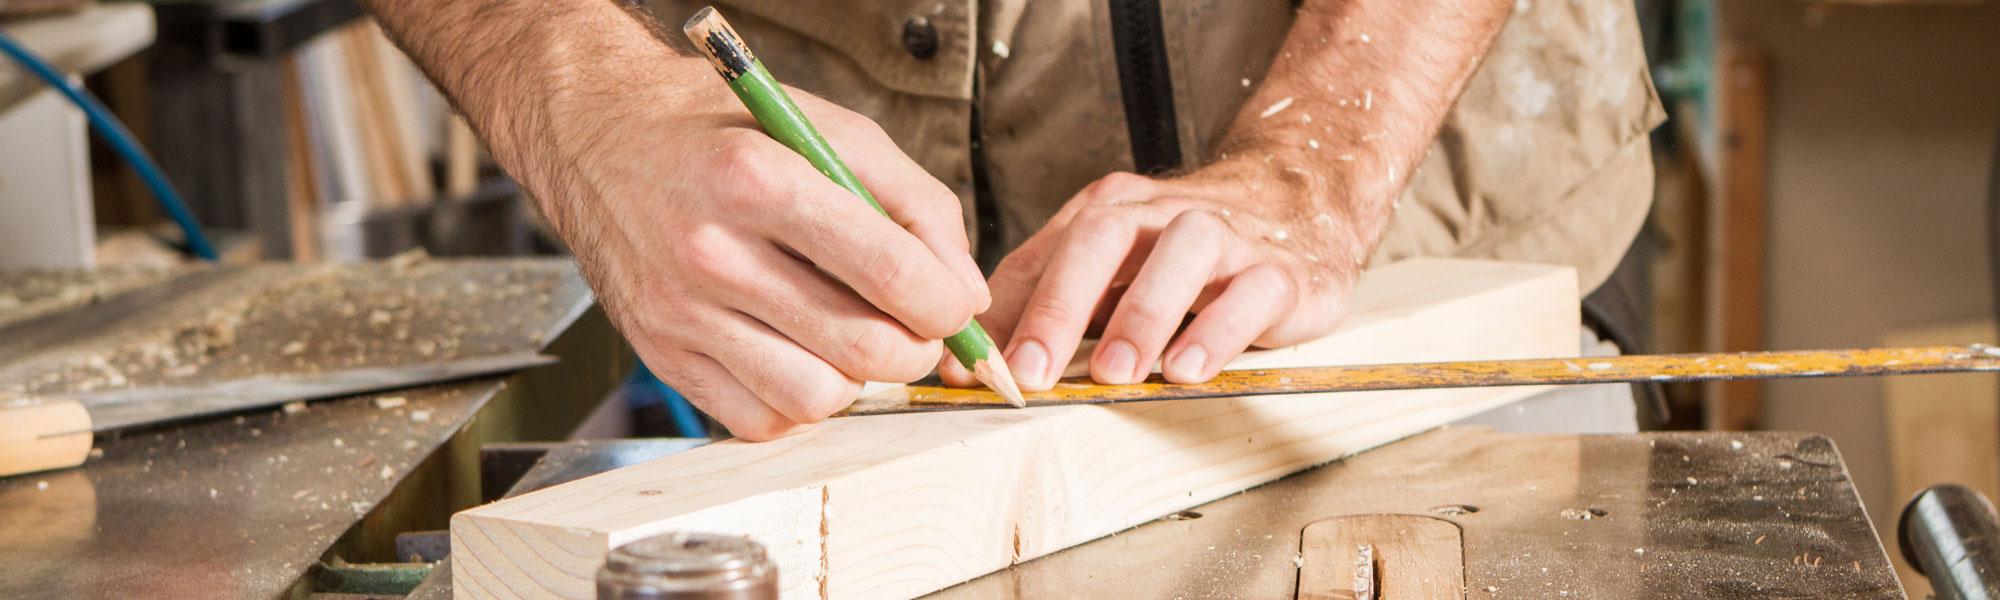 Schreiner der etwas auf einem Holz anzeichnet